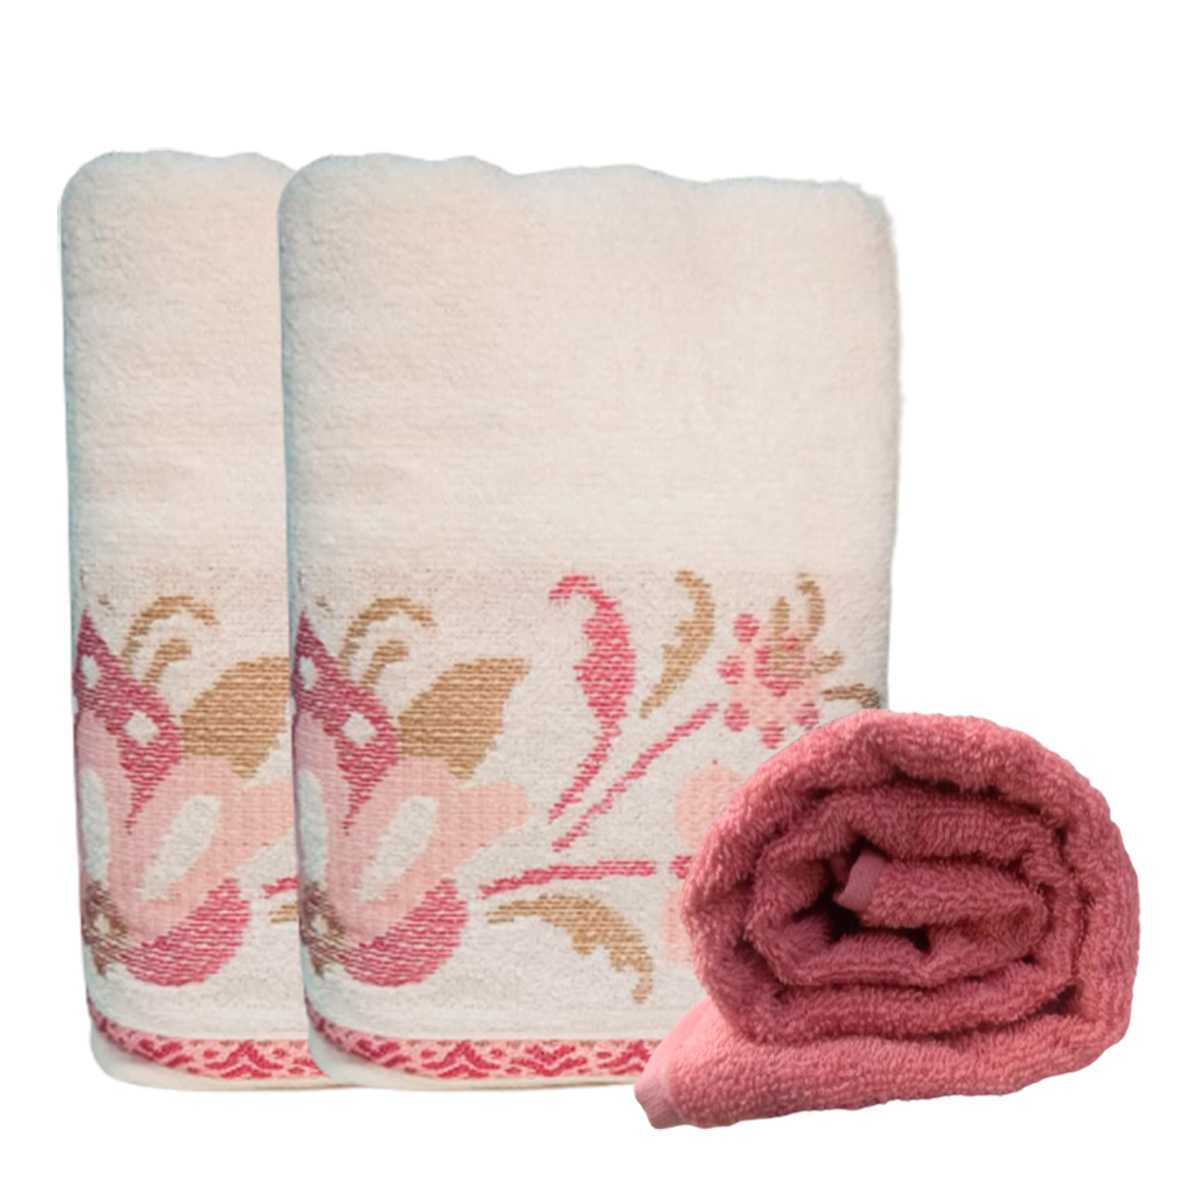 Jogo De Toalha De banho 5 pçs Lotus Rosa Blush+Branco